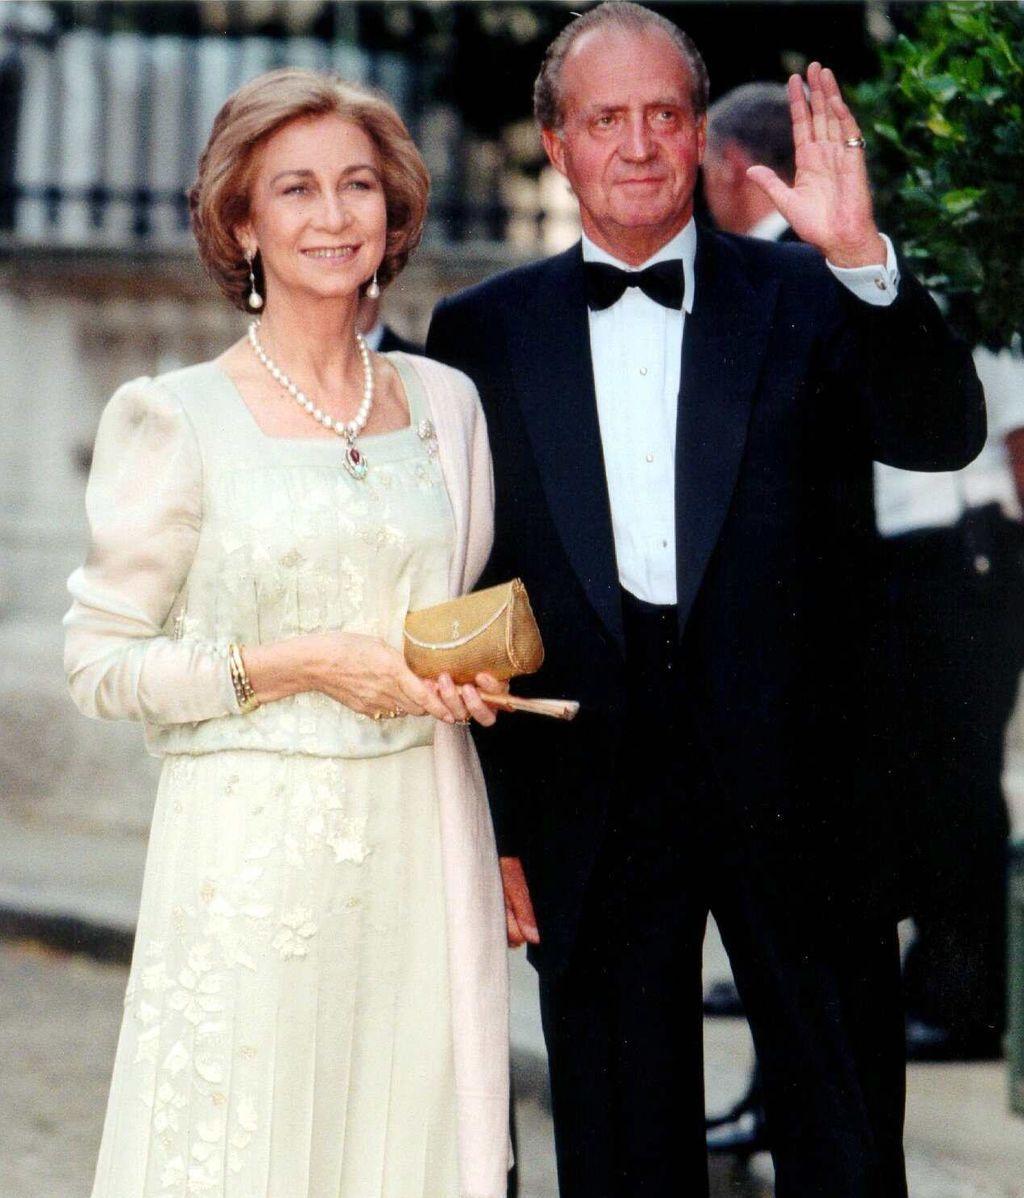 Sofía y Juan Carlos, en 1999, en la boda de la hija de Constantino de Grecia